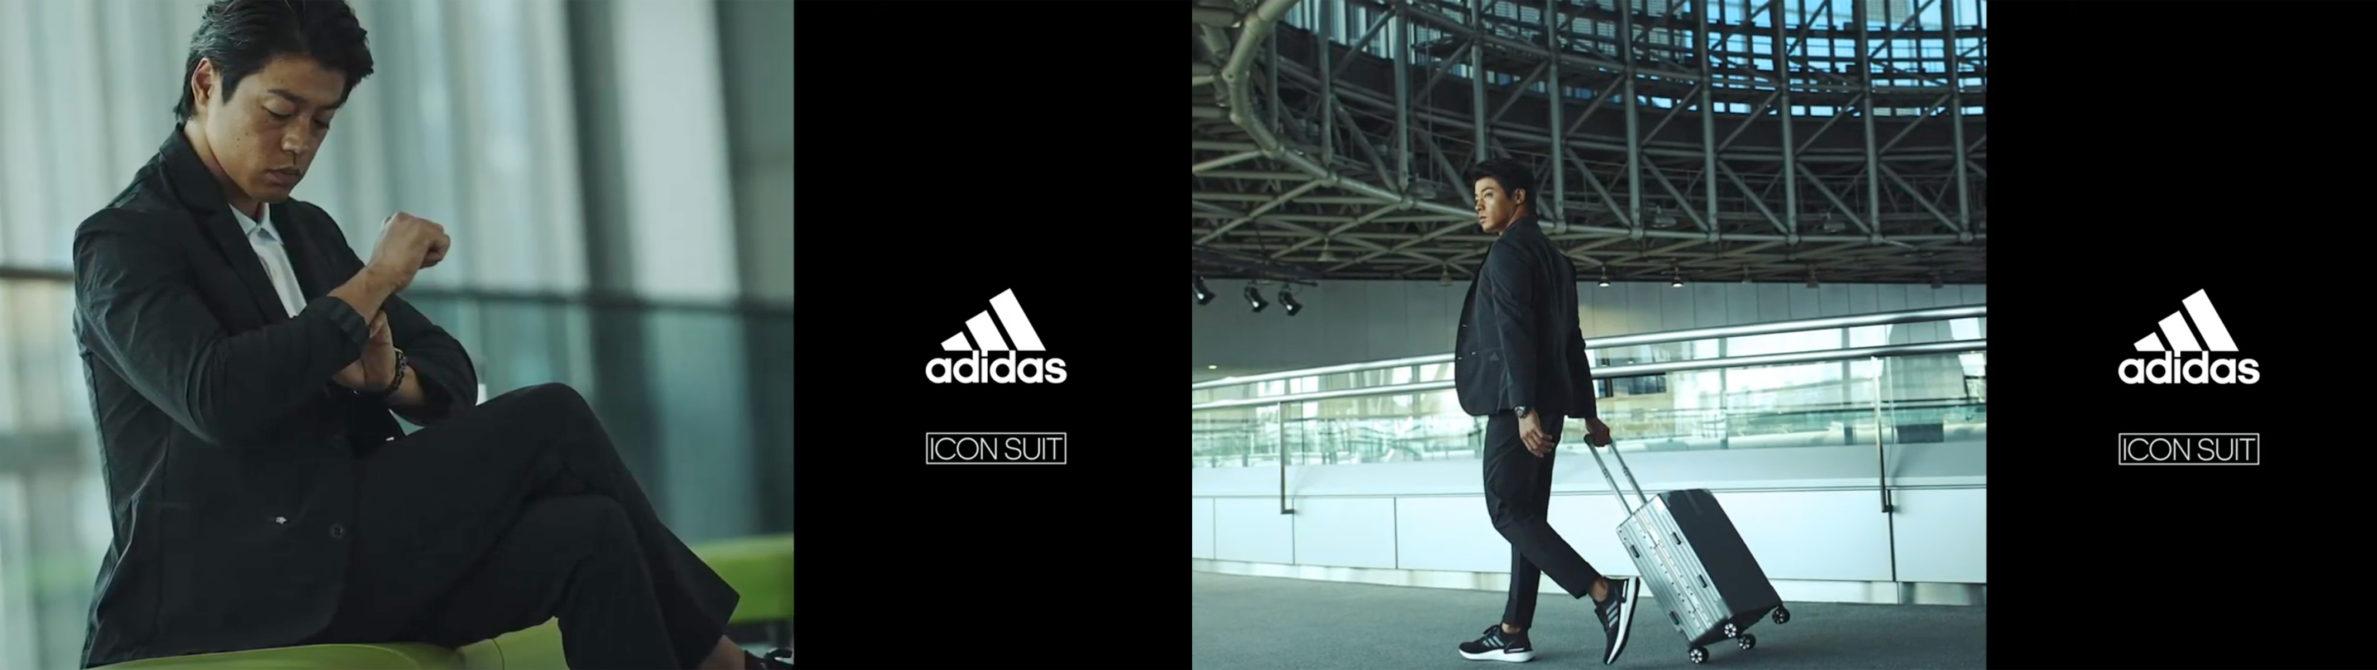 adidas_ISETAN MEN'S _Takuya Haneda